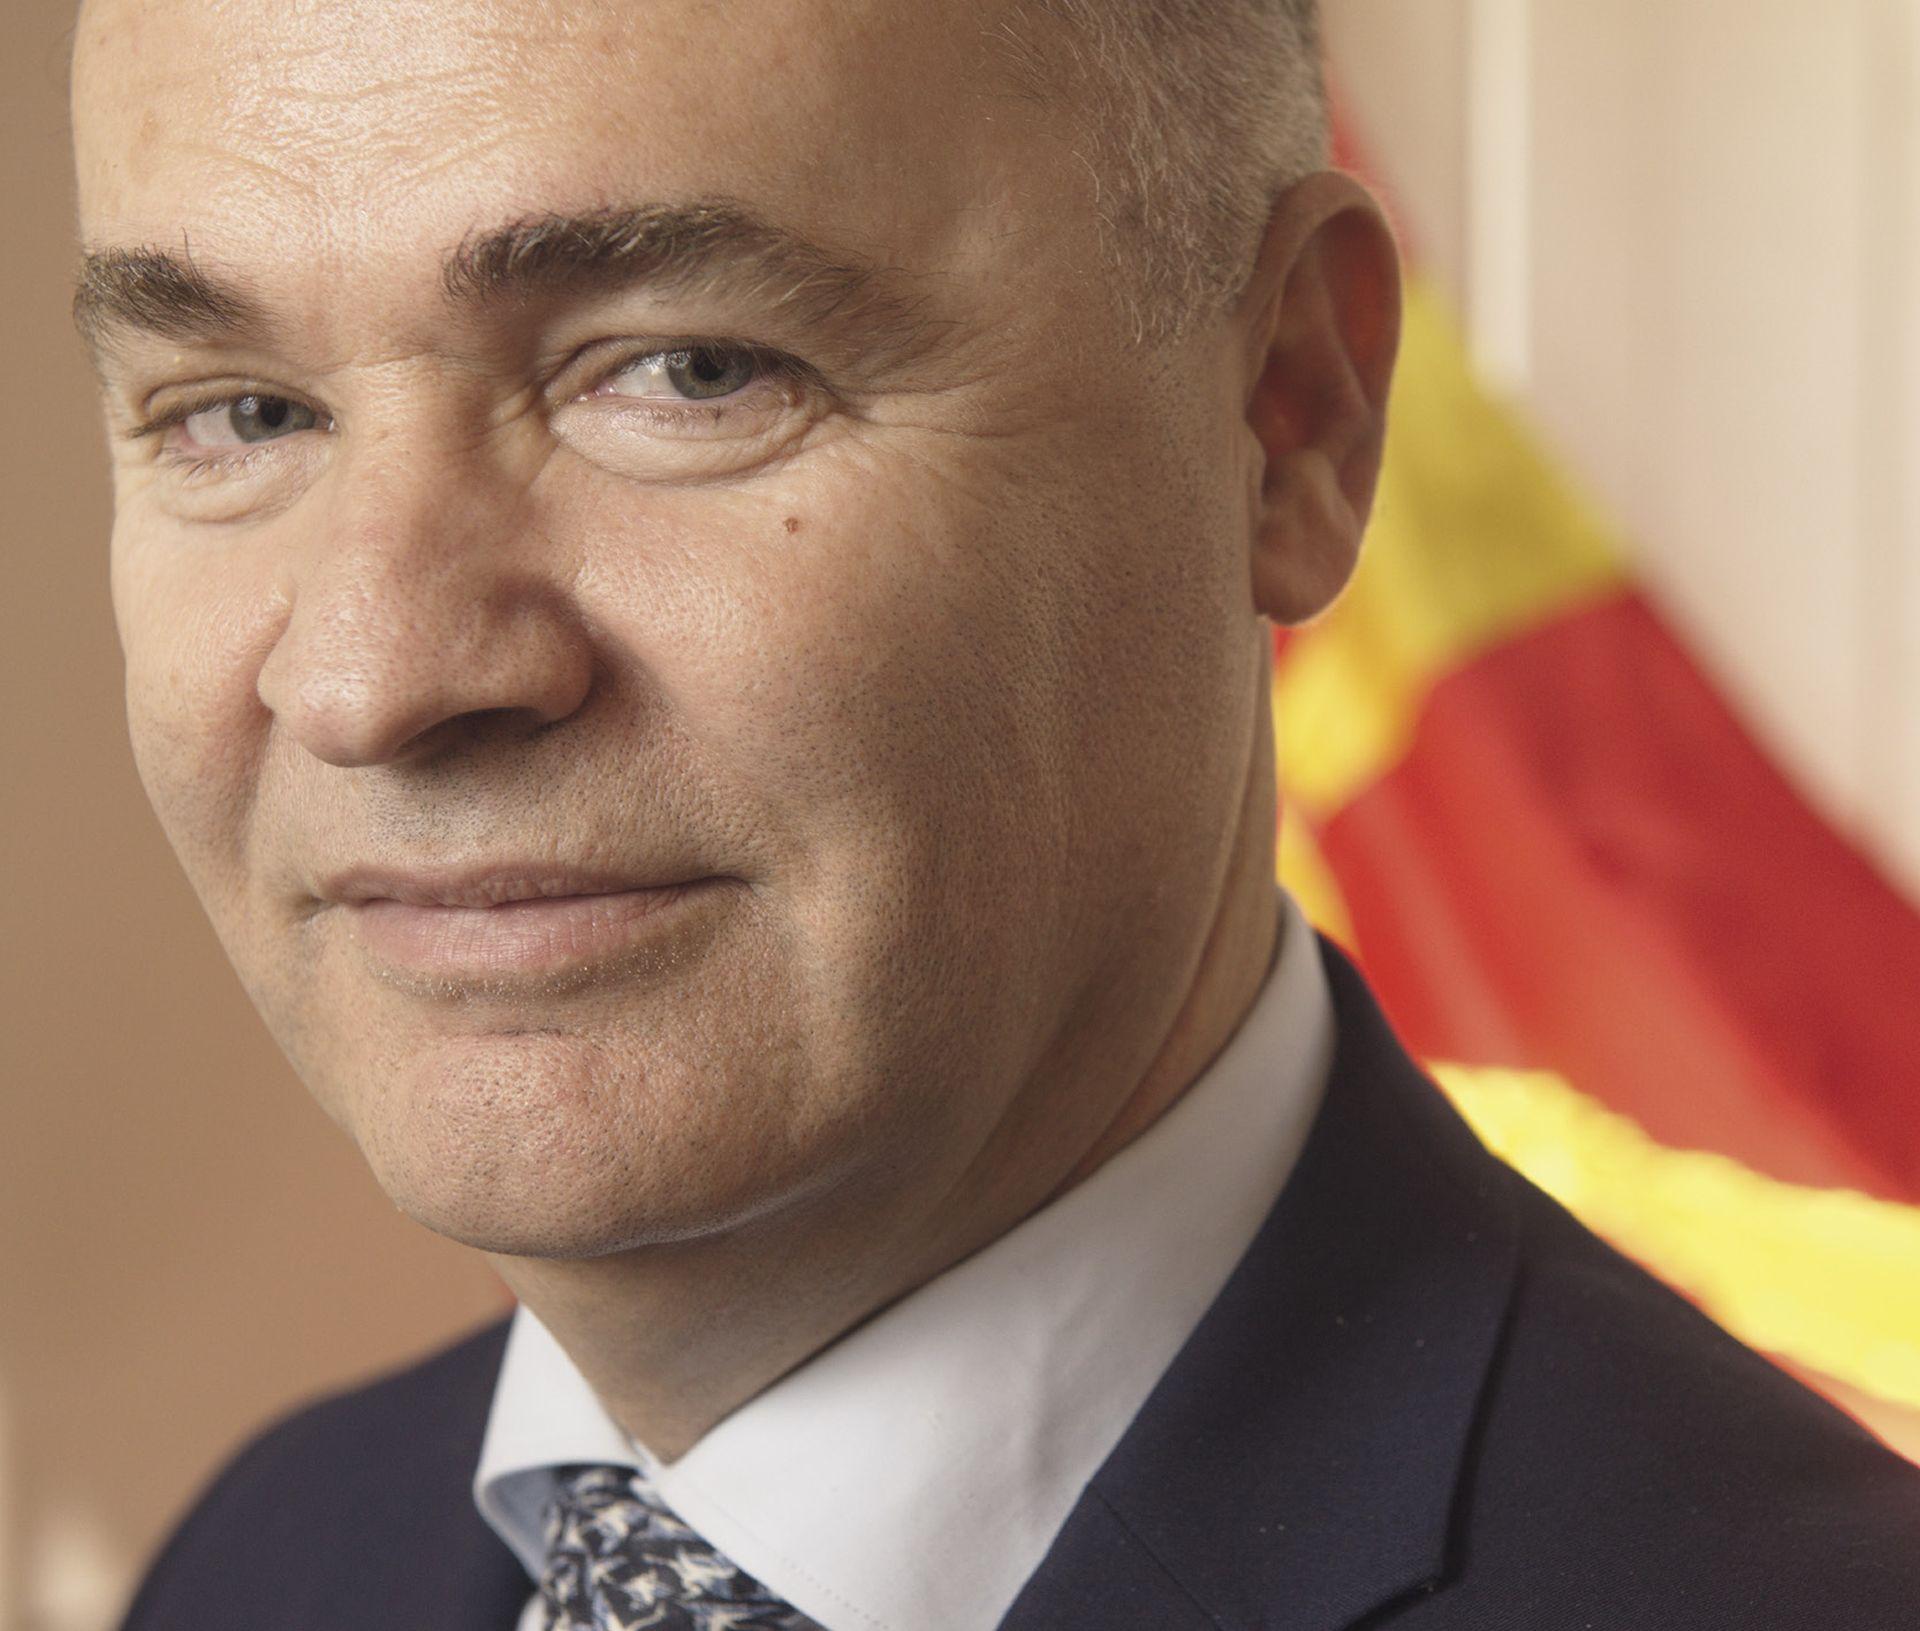 DŽAFERI 'Rezultati referenduma podrška su europskoj Makedoniji'